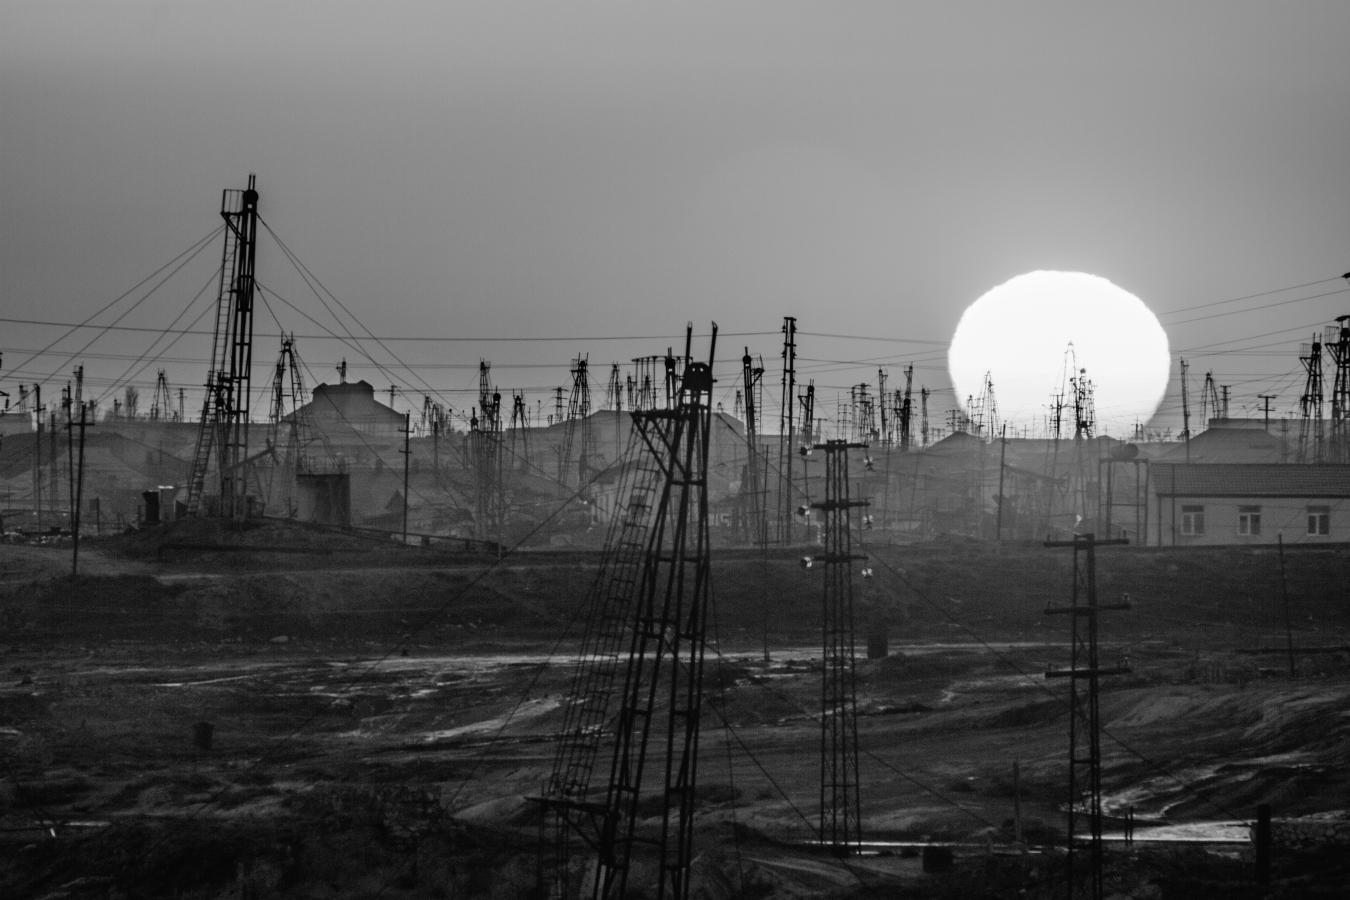 Apseron, Azerbaijan, March 2012